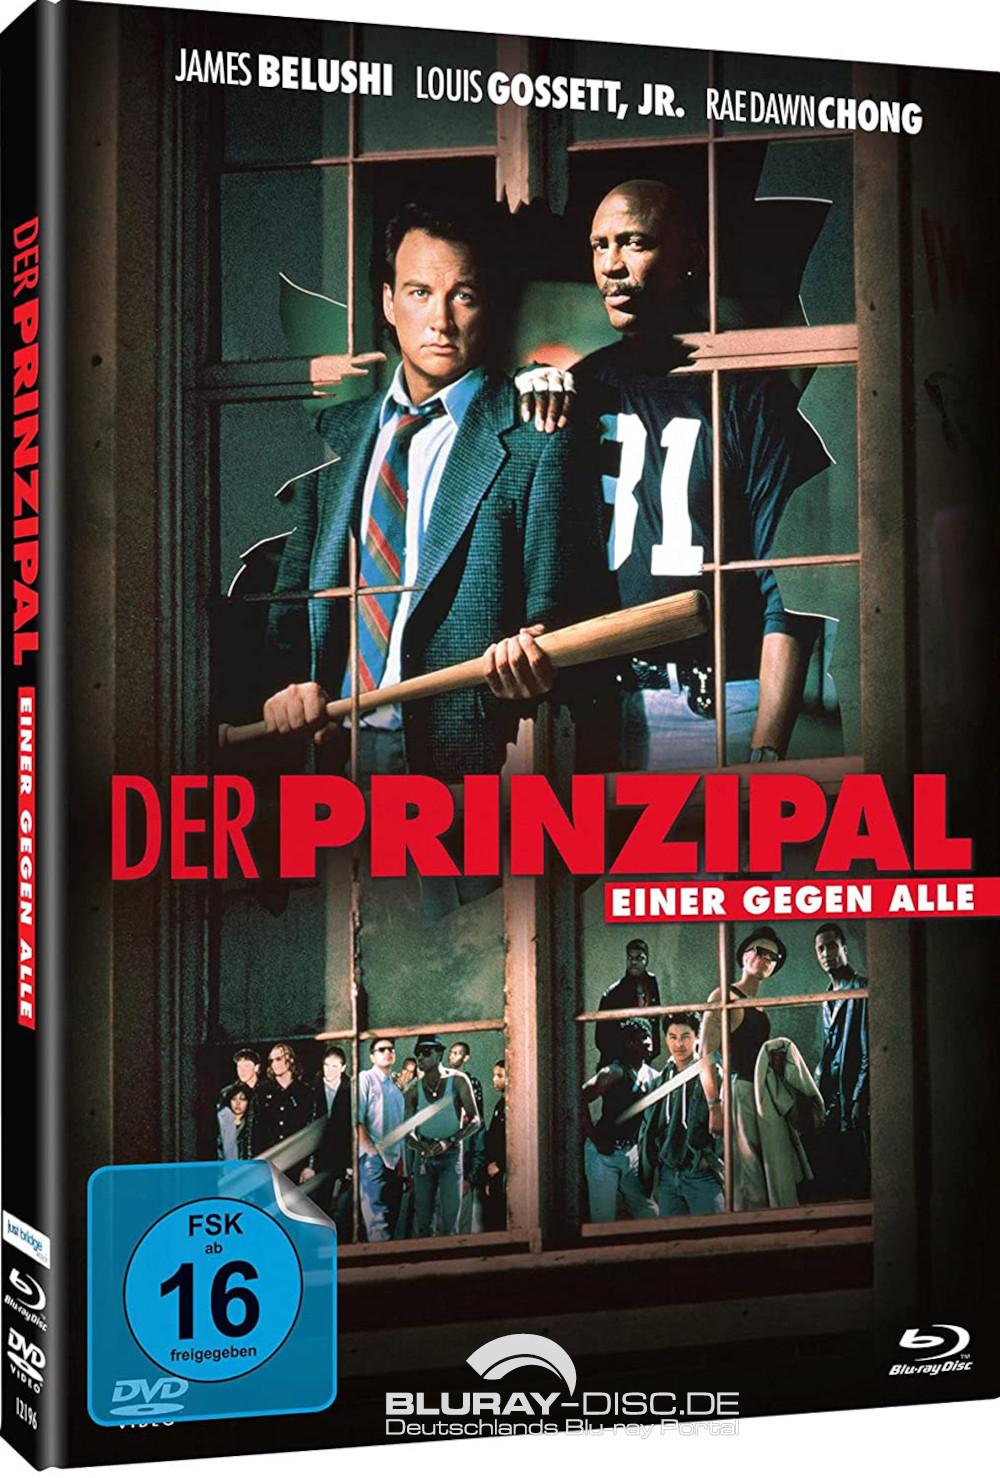 Der-Prinzipal-Mediabook-Galerie-01.jpg